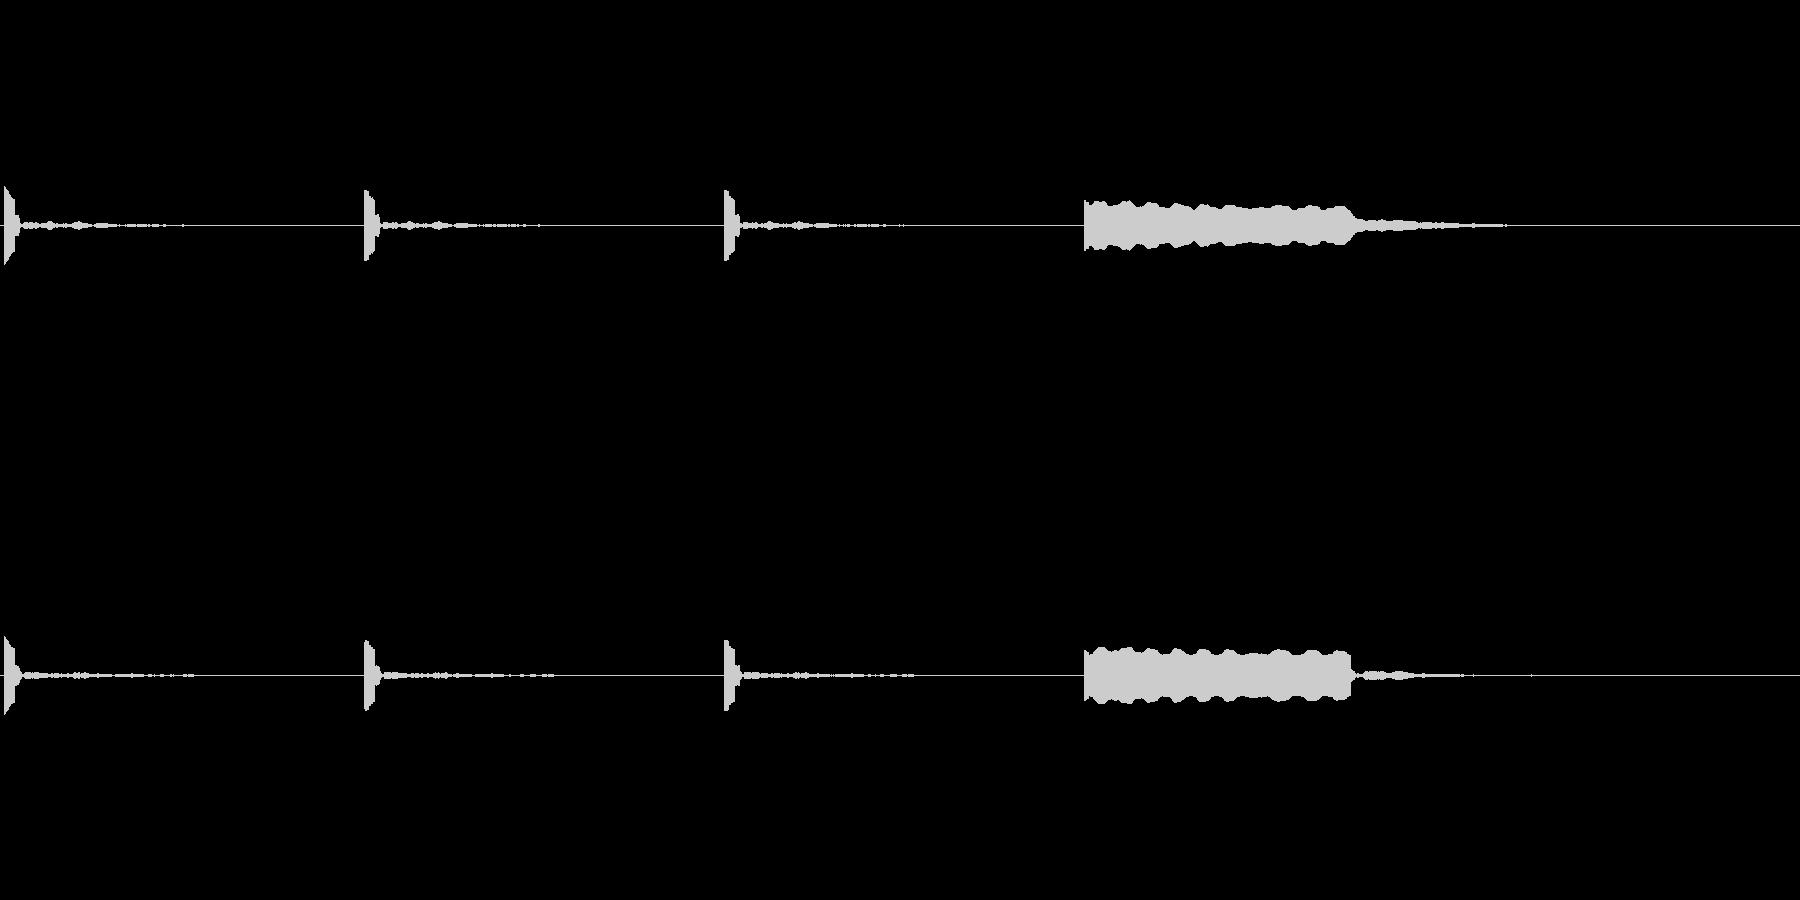 【カウントダウン02-2】の未再生の波形